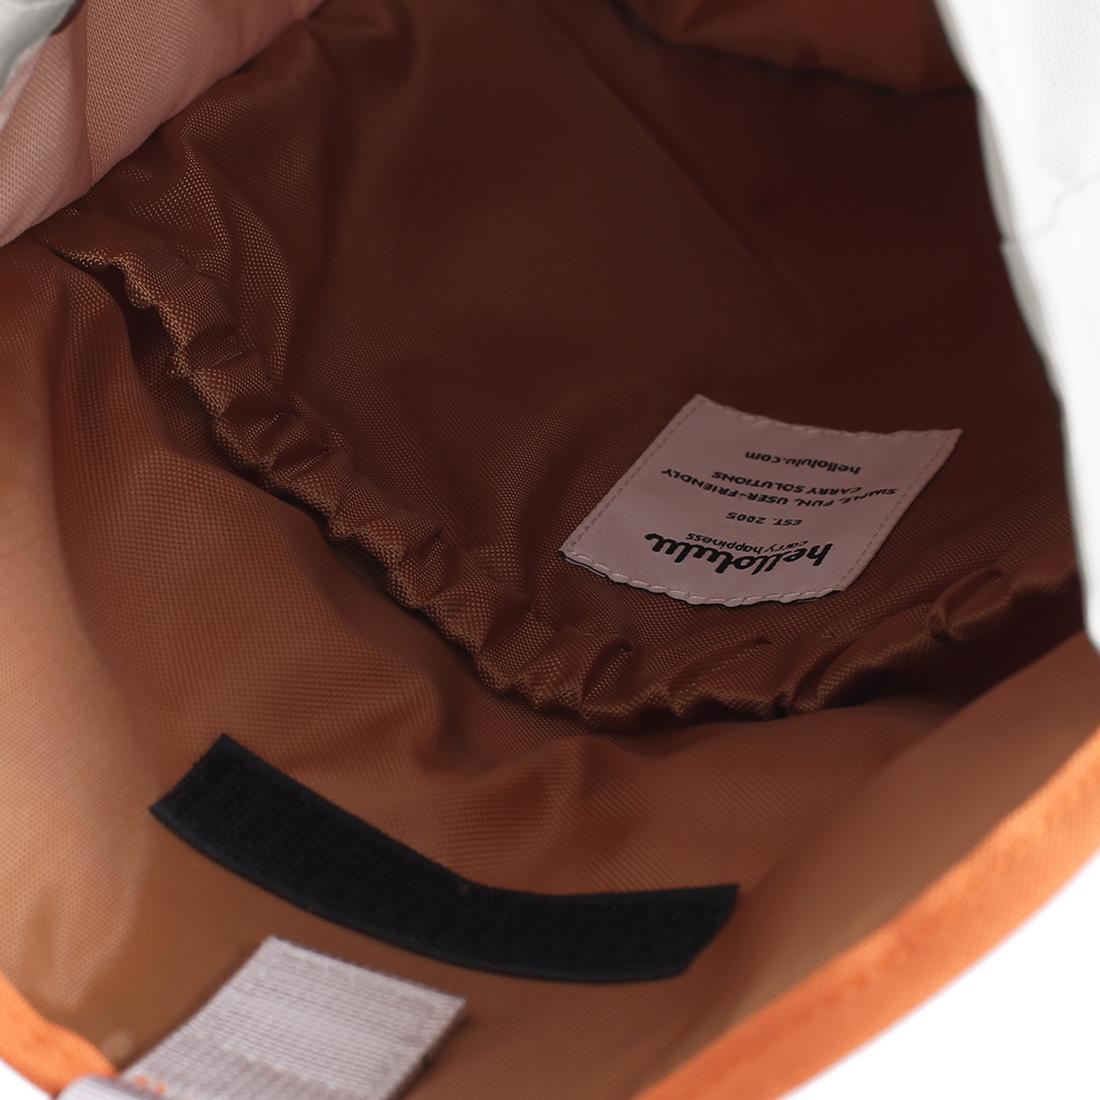 Hellolulu[ハロルル]All Day Backpack NILE(キッズ)リュックサック【メール便可】